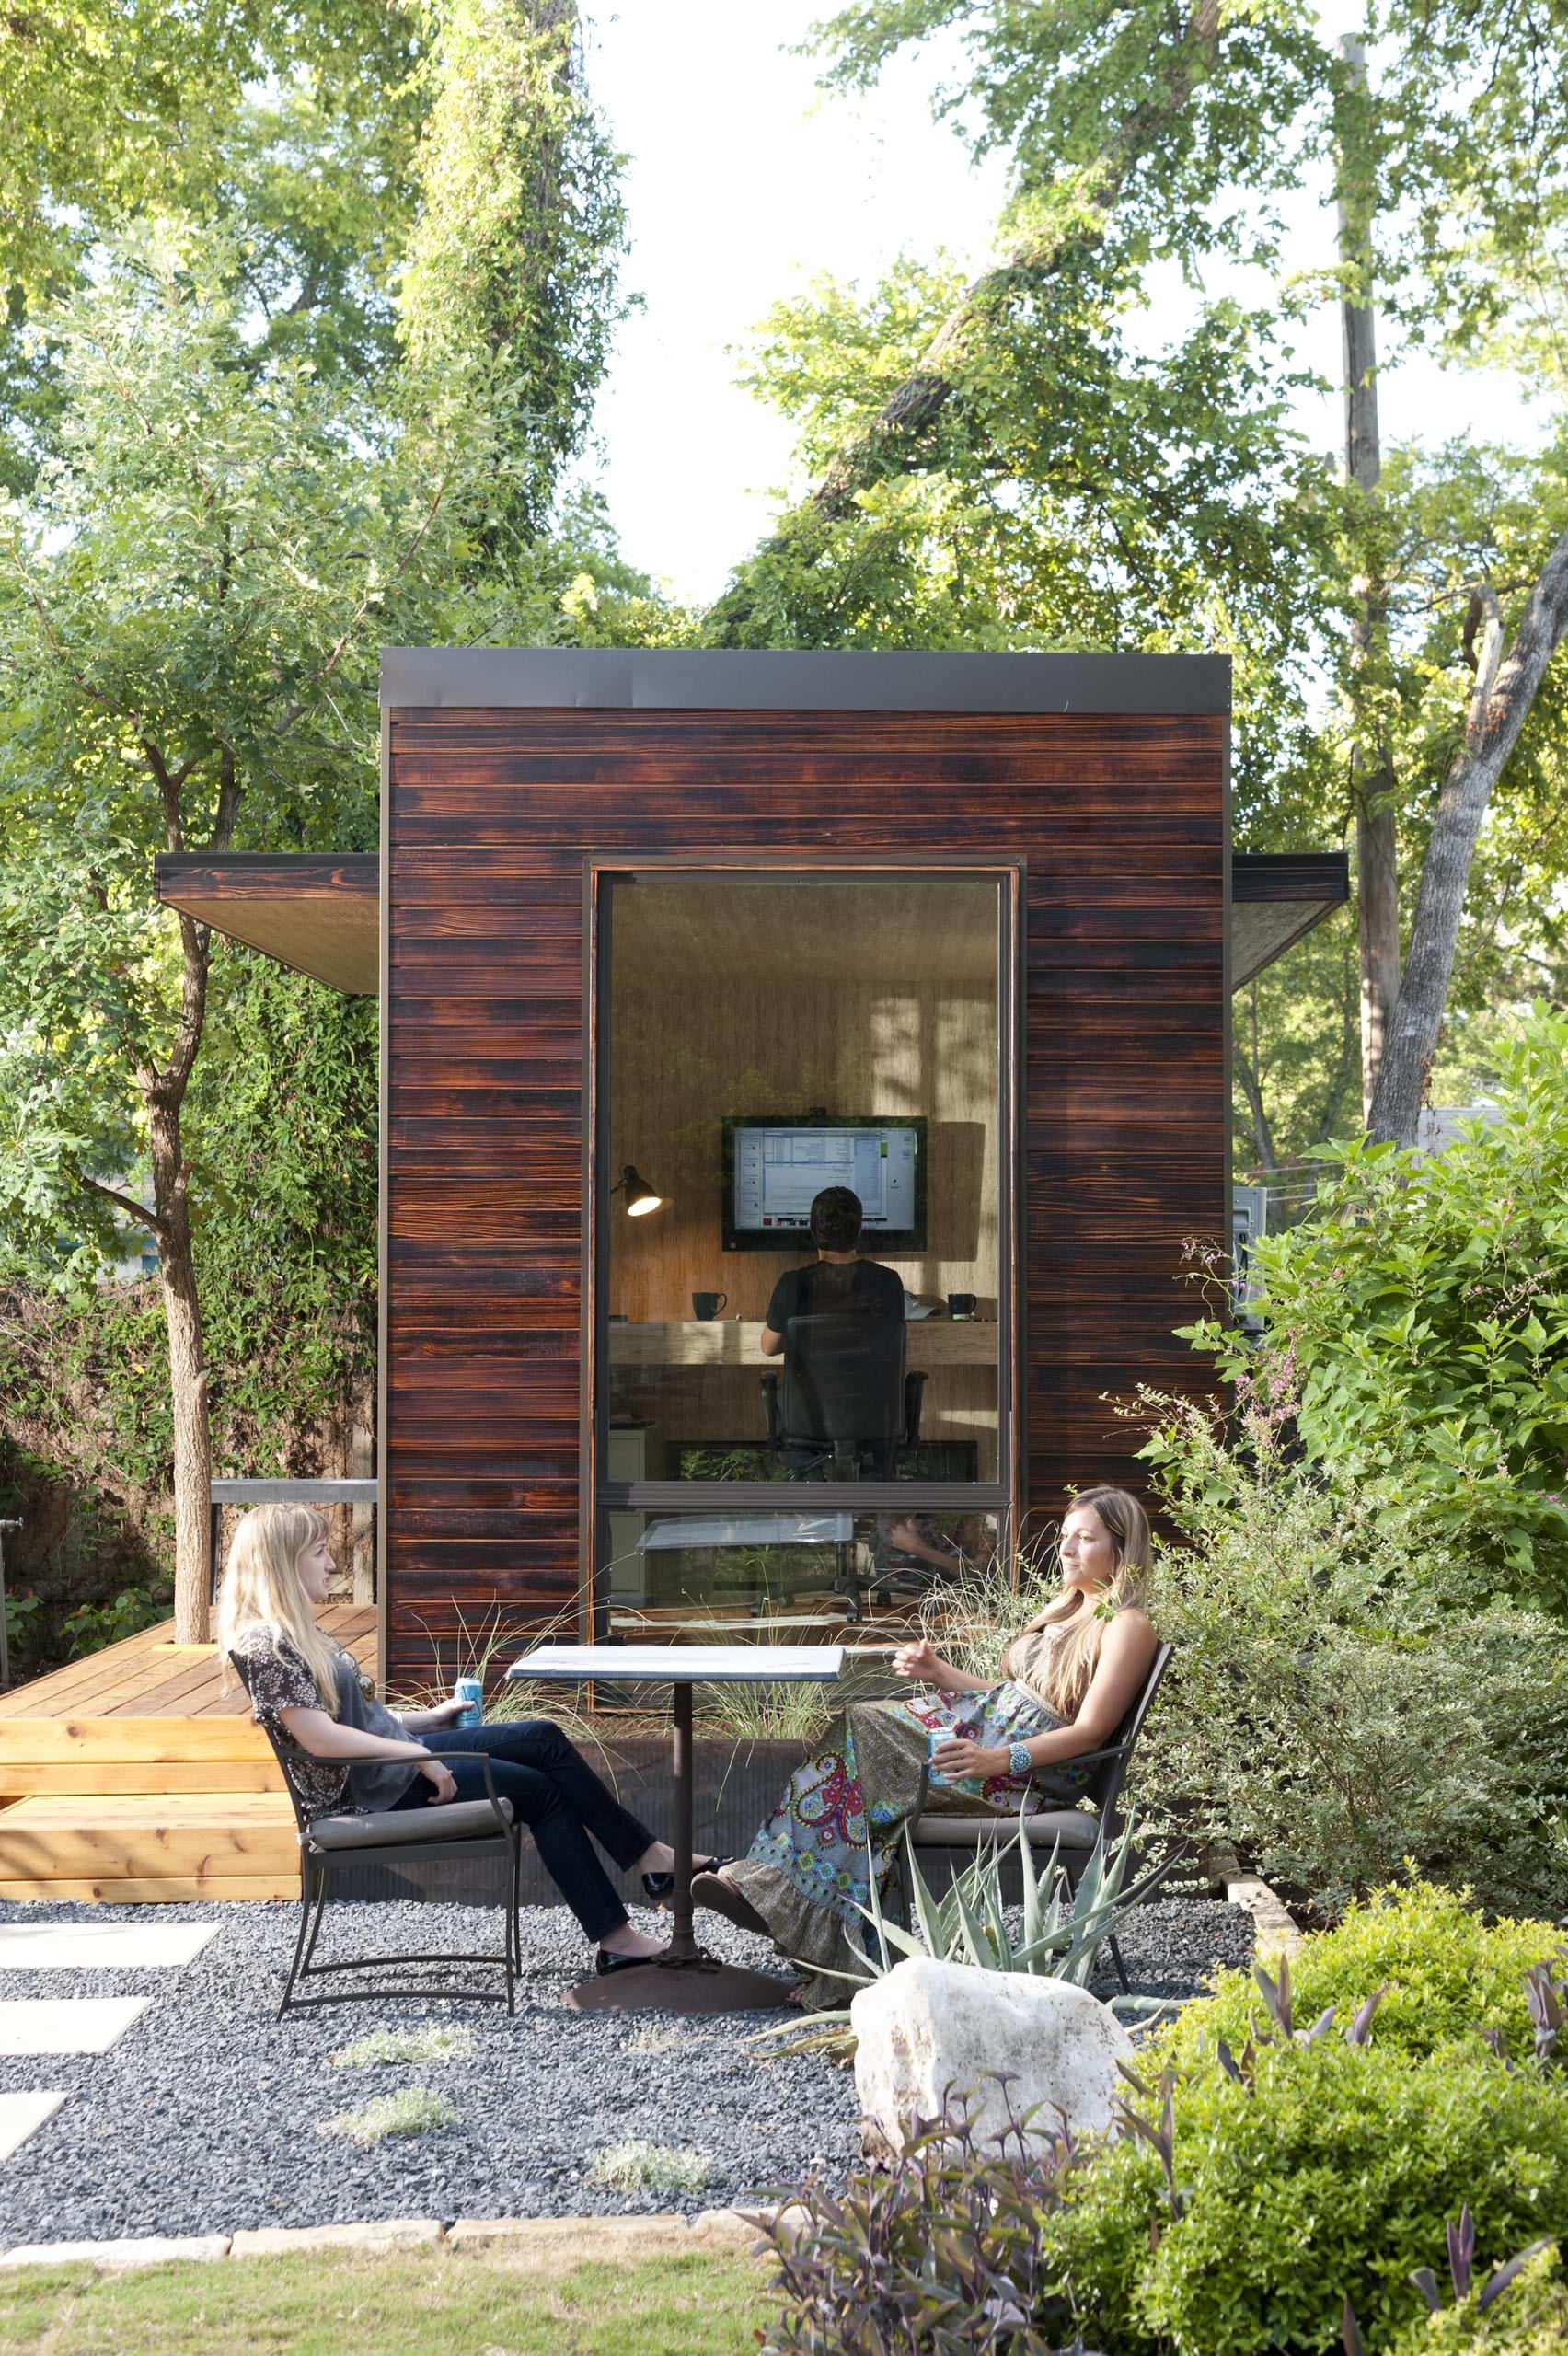 Home Office im Grünen - das Gartenhaus bietet den perfekten Ort dafür!